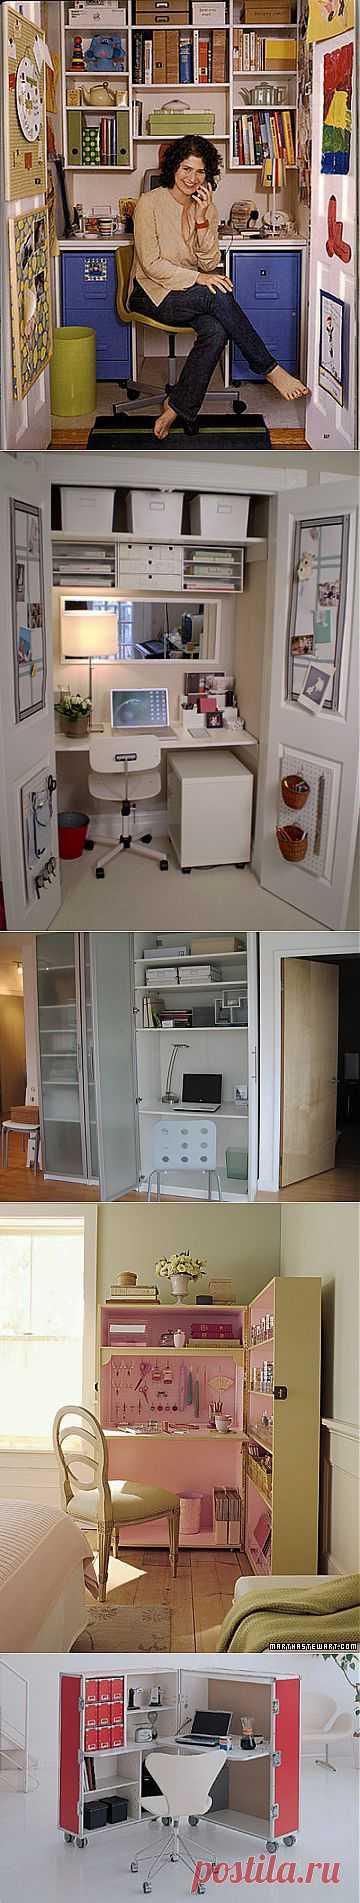 Домашний офис на 1 квадратном метре. Коллекция творческих идей .